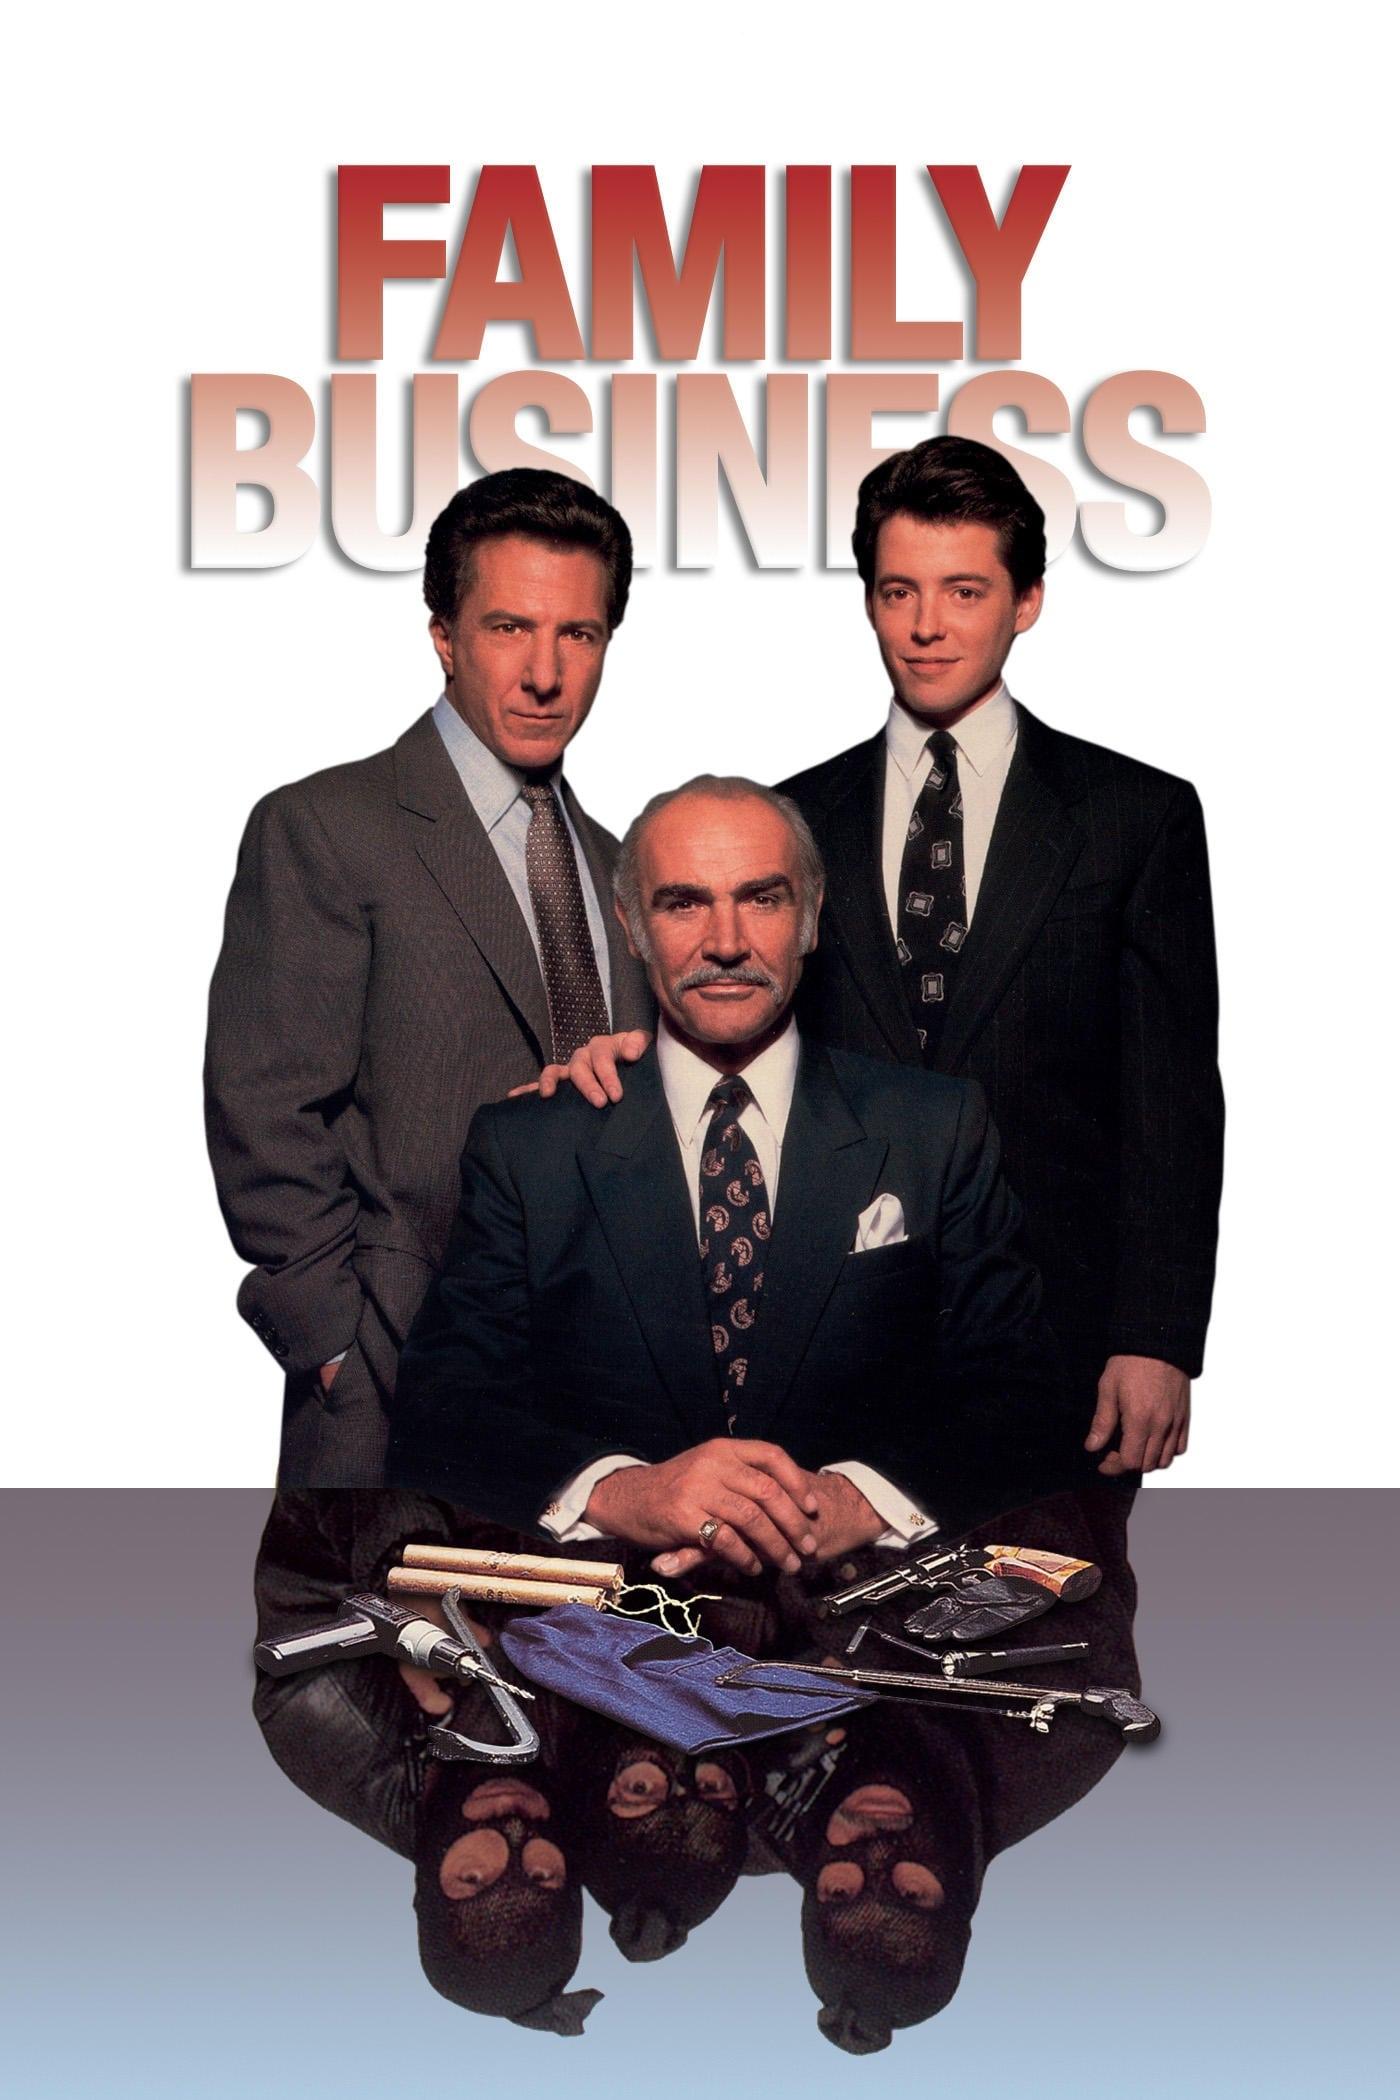 Negocios de familia 1989 la pel cula cinef lica for Peliculas de negocios